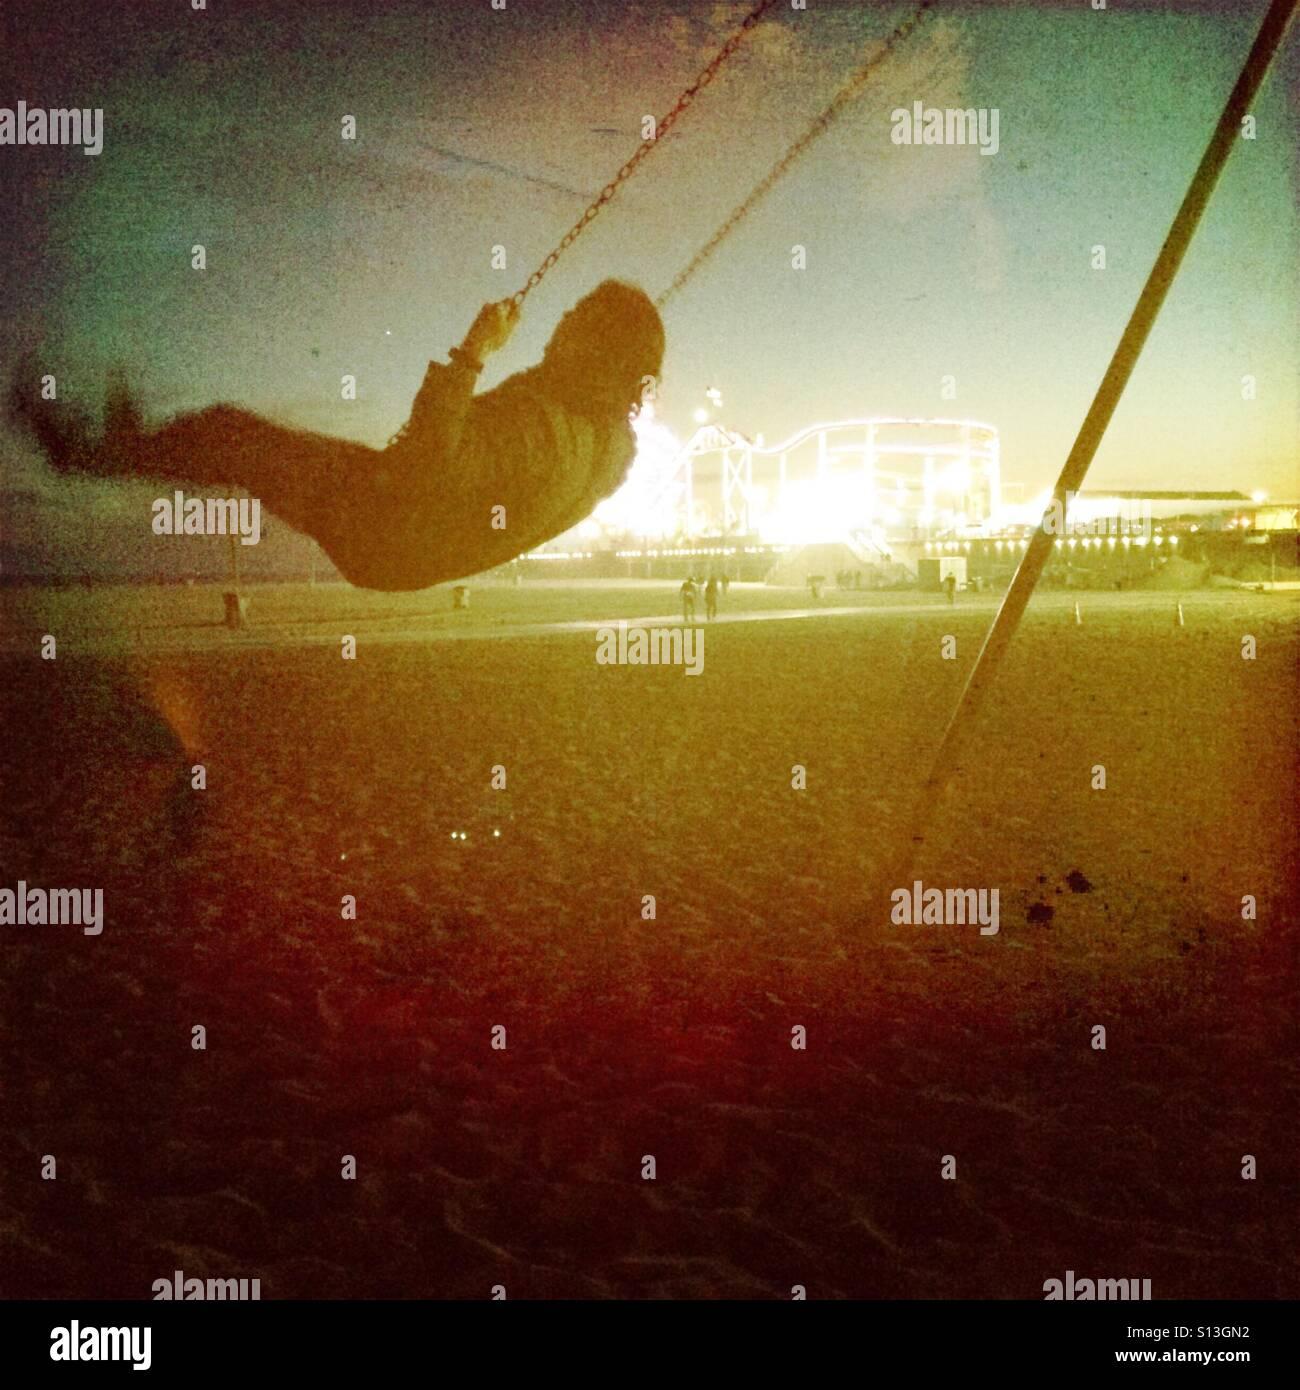 Swinging action shot - Stock Image